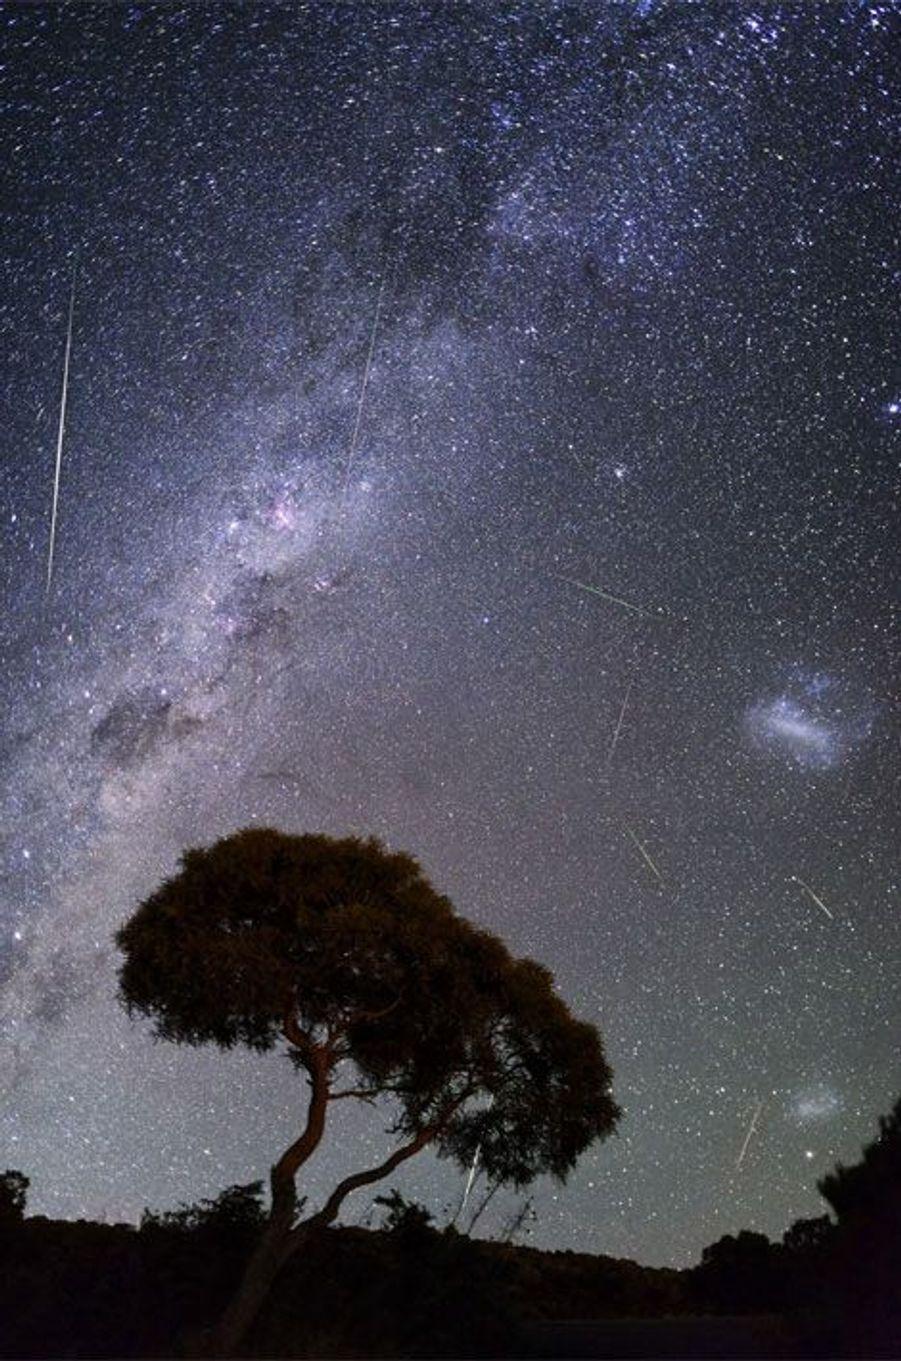 «Chaque année au mois de décembre, les observateurs du ciel peuvent assister aux Géminides, la traditionnelle pluie d'étoiles filantes. En 2012, le spectacle a été tout simplement grandiose, le plus beau du genre qu'il m'ait été donné d'observer. Un véritable bombardement cosmique. L'image est un compositage, c'est-à-dire une superposition de plusieurs clichés, réalisé sur une durée de trente minutes depuis le même endroit. Huit étoiles filantes sont observables.» Visitez le site de Luc Perrot :www.lucperrot.frEt sa page Facebook :www.facebook.com/lucperrotphoto